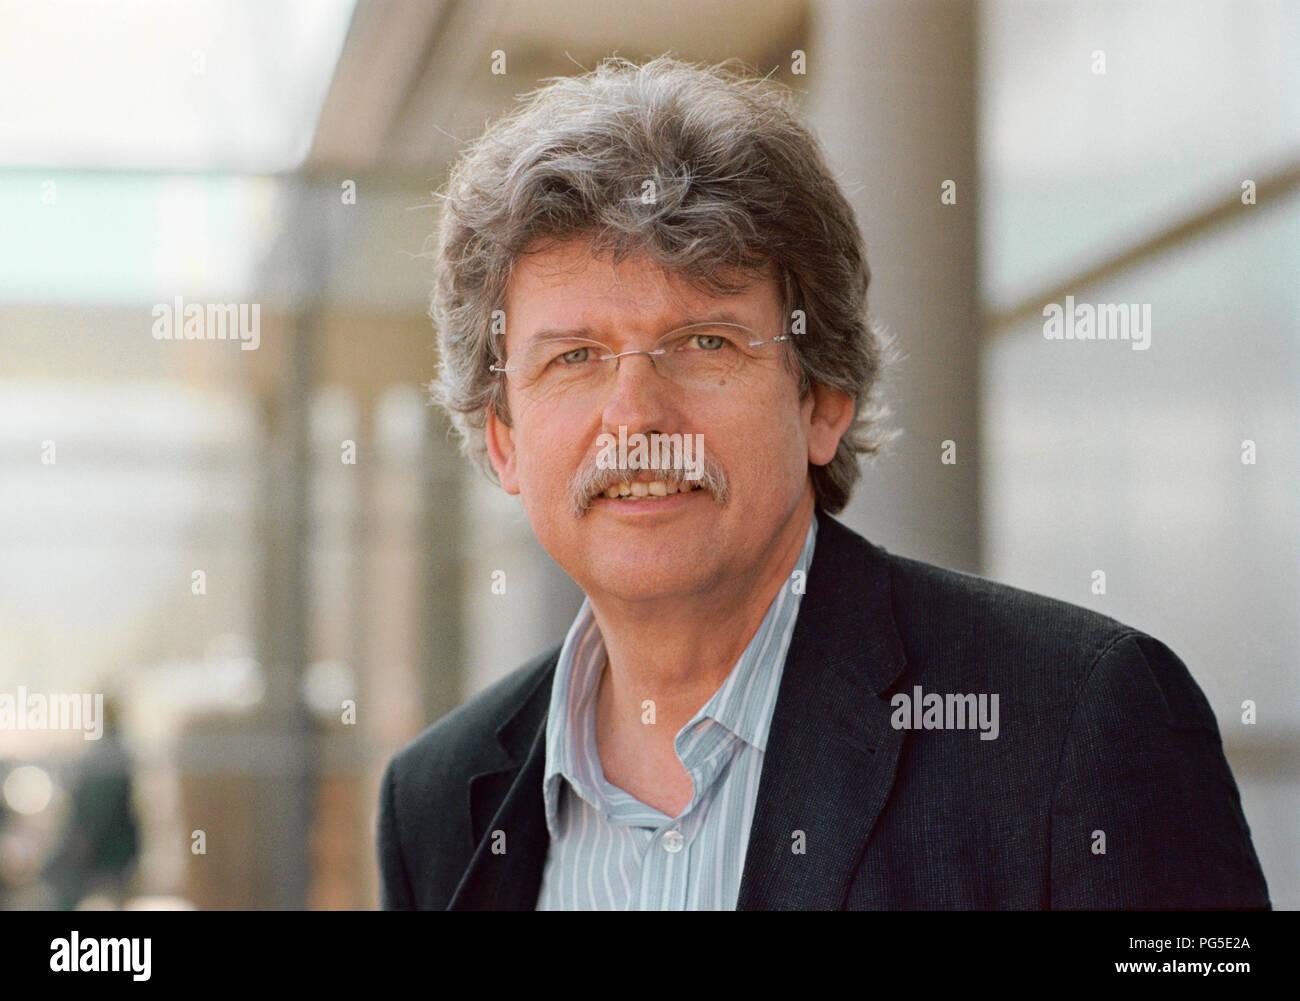 Georg Reuchlein (including the publisher Goldmann Verlag, Luchterhand Verlag) - 03/26/2012 - Stock Image